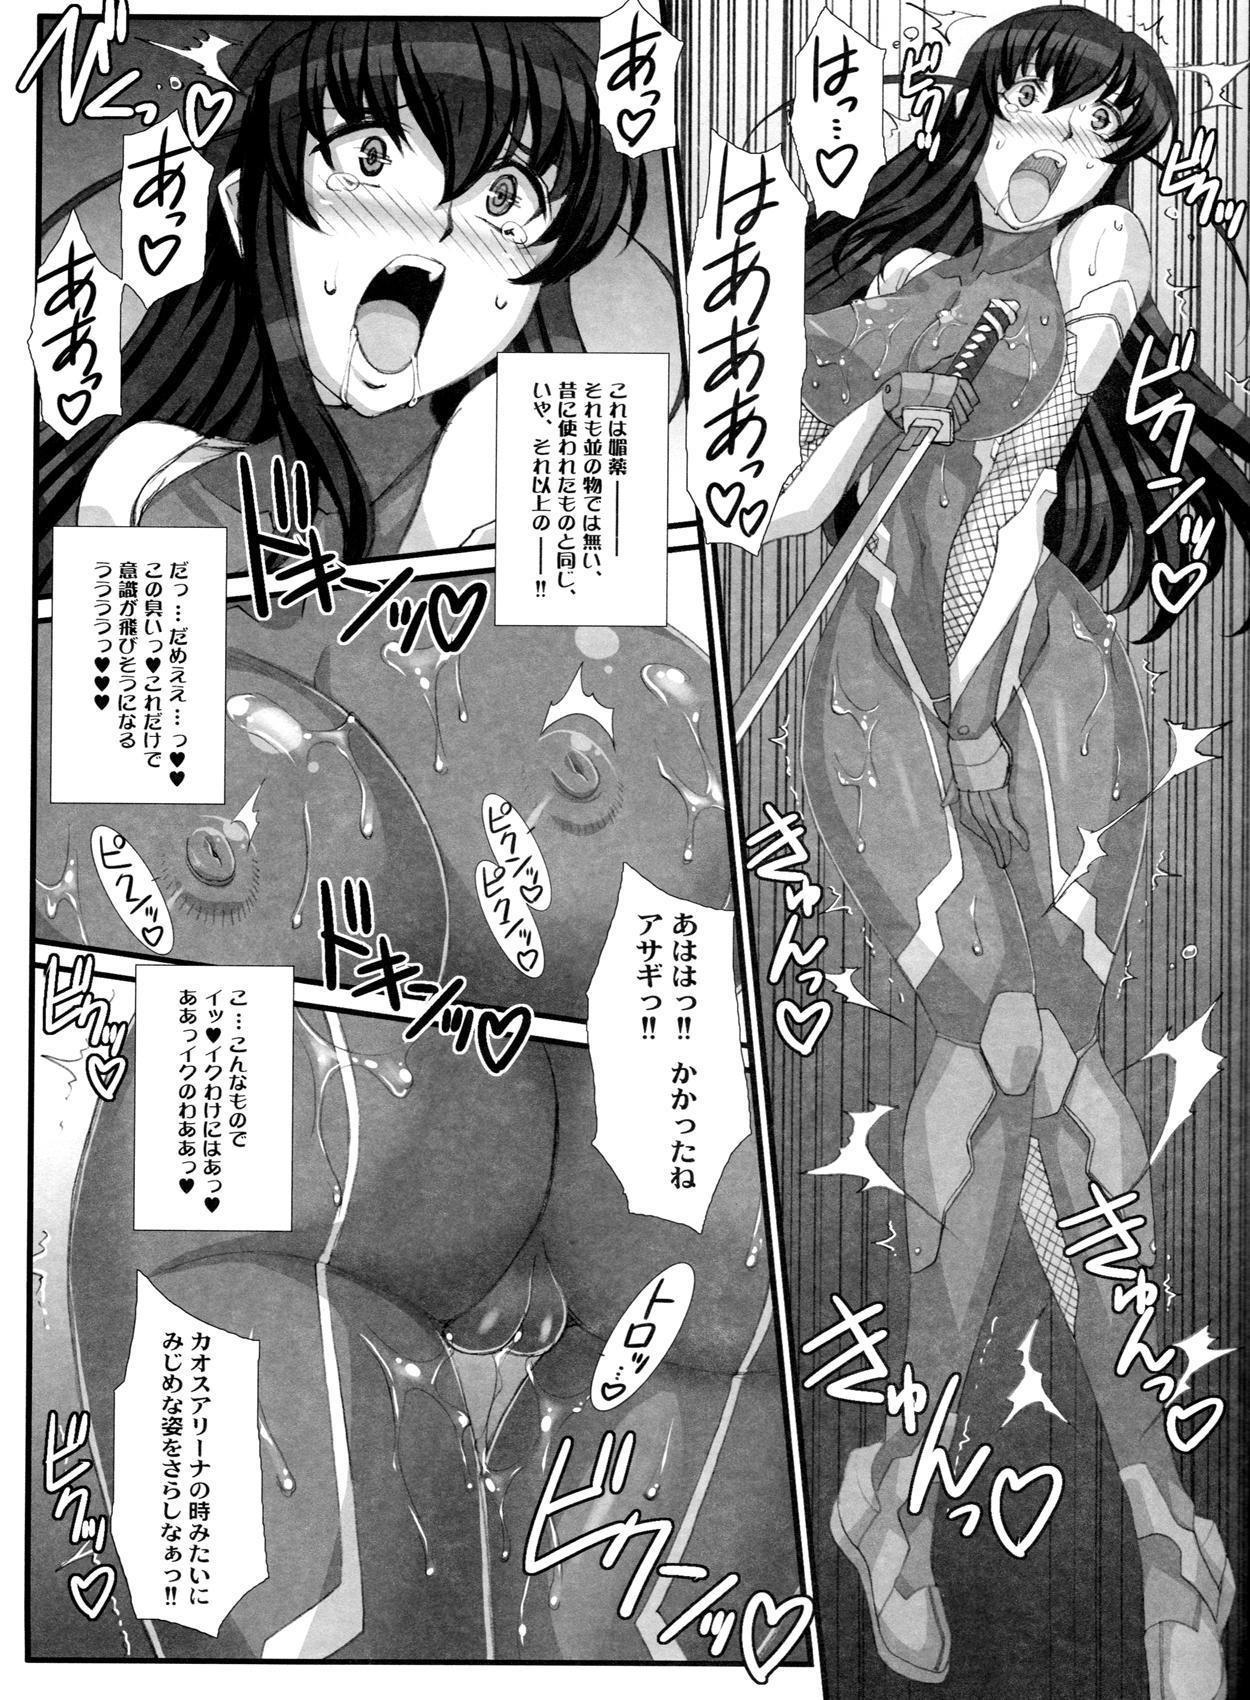 Taimanin Asagi Comic Anthology 30